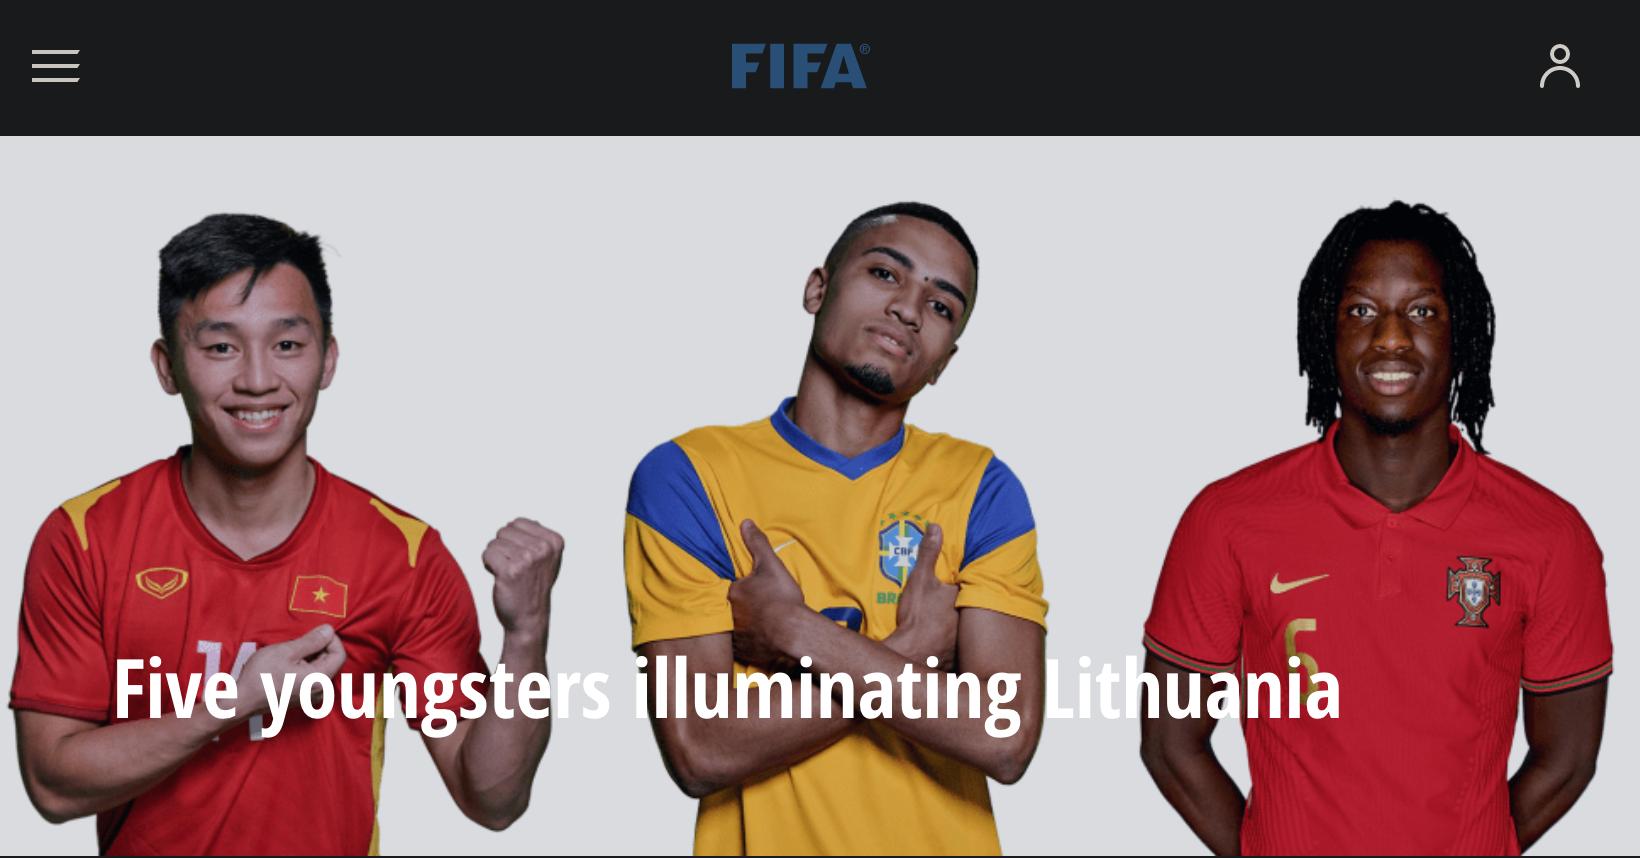 Tuyển thủ futsal Nguyễn Văn Hiếu được FIFA vinh danh trên trang chủ - Ảnh 1.